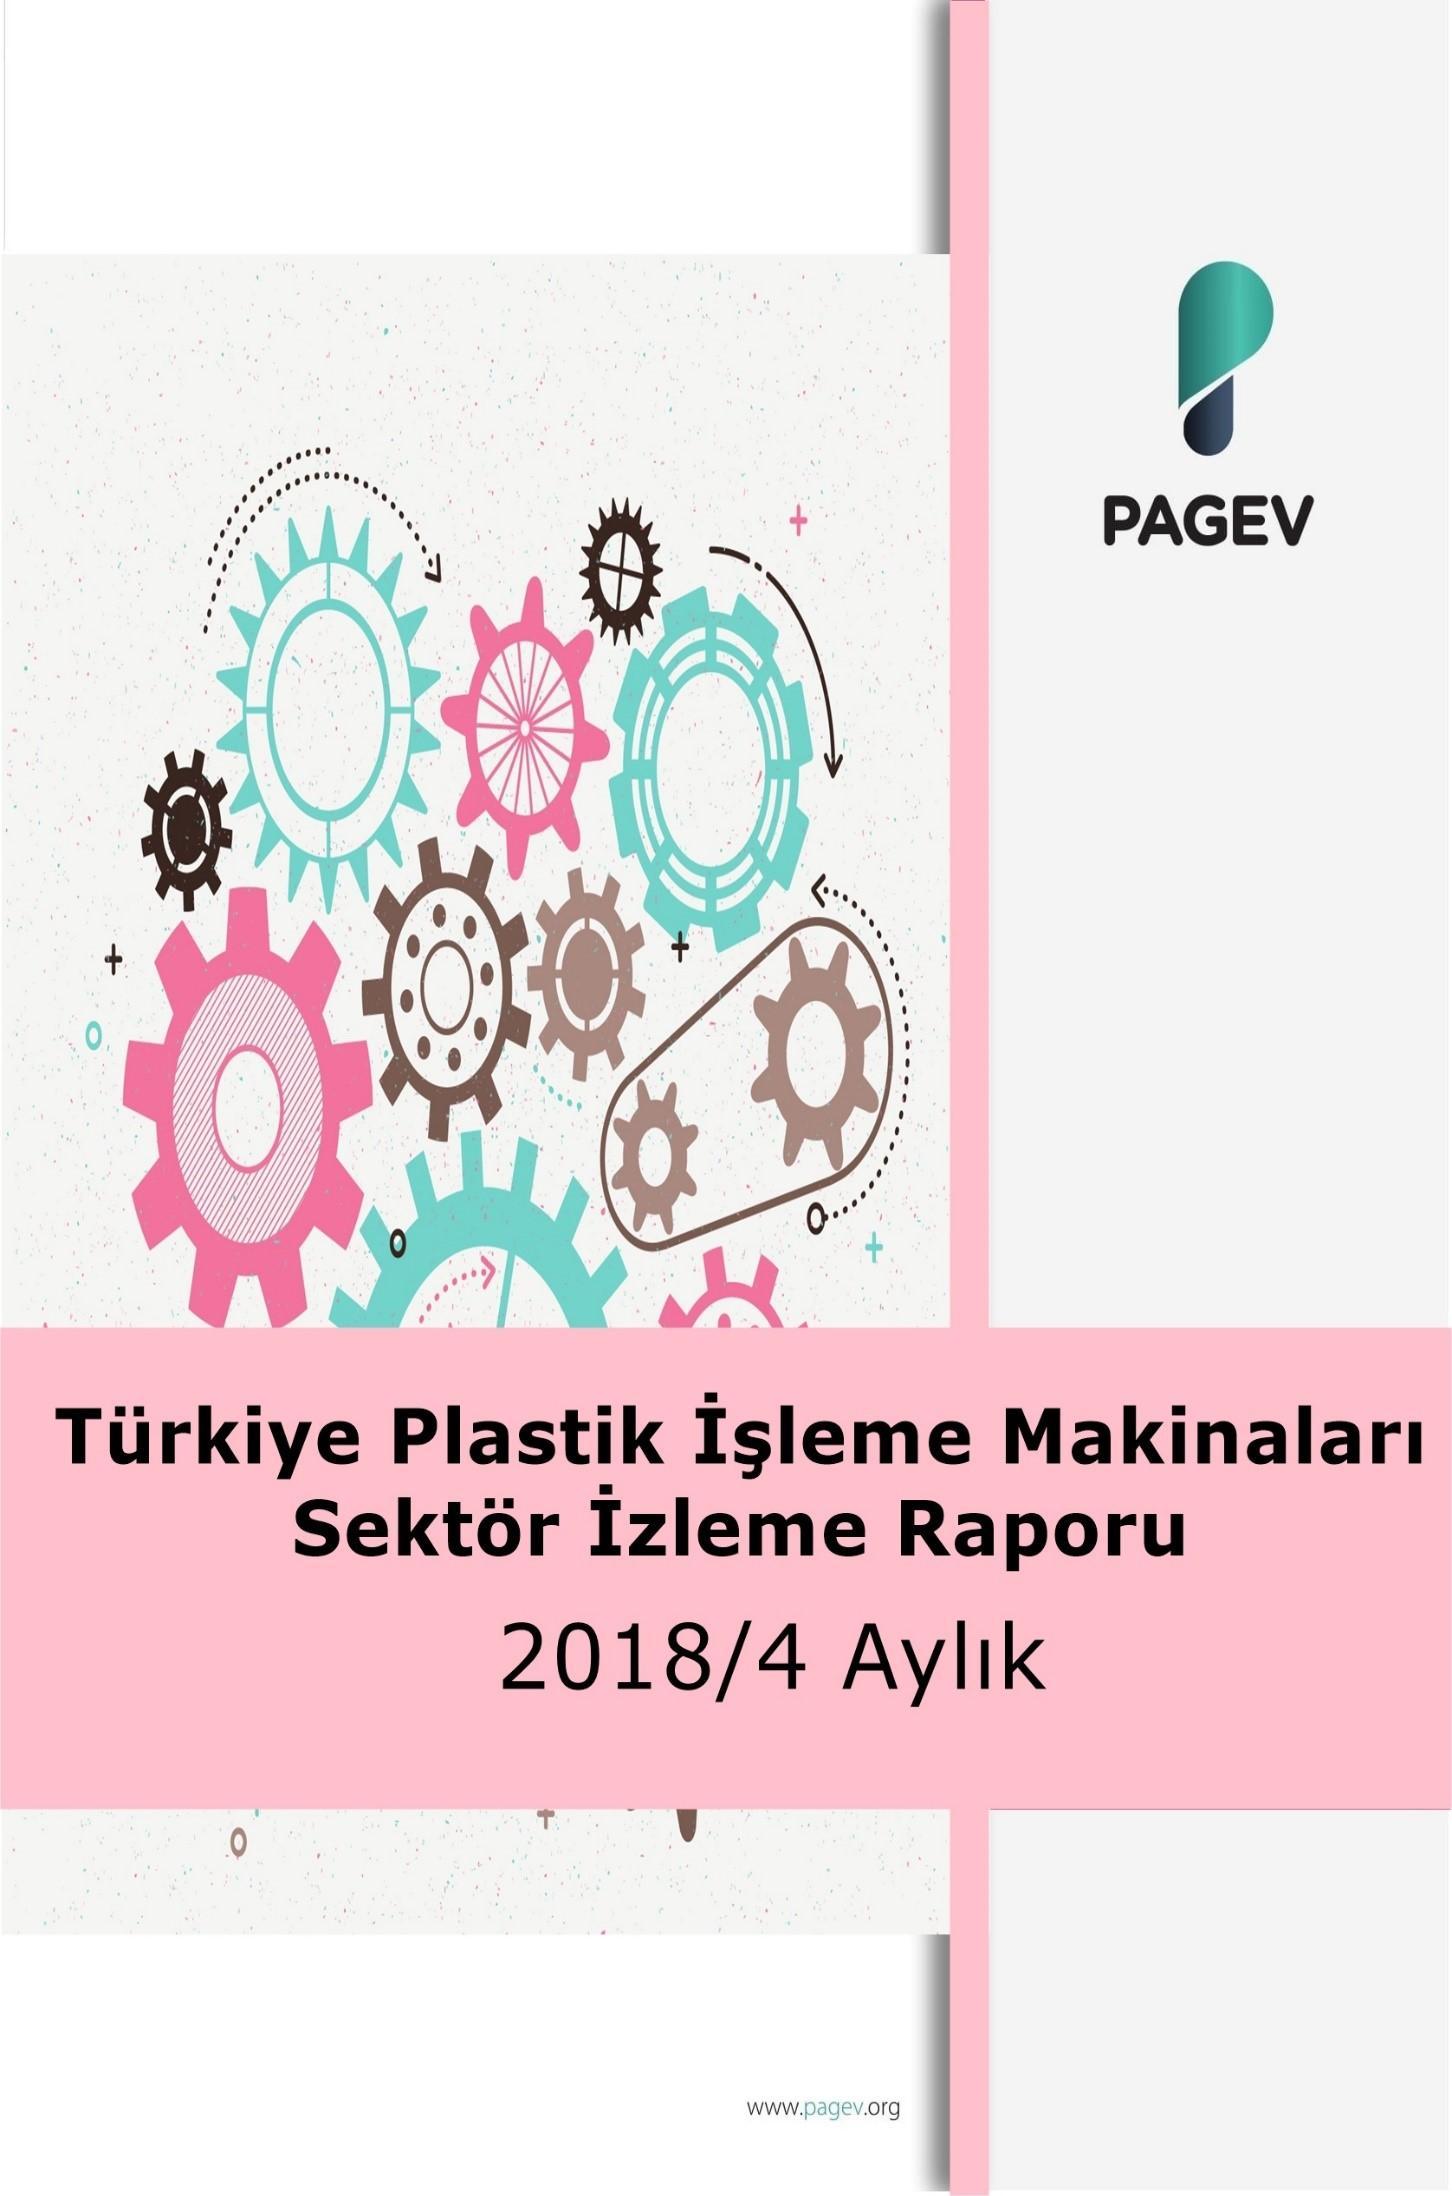 Türkiye Plastik İşleme Makineleri Sektör İzleme Raporu 2018/4 Aylık